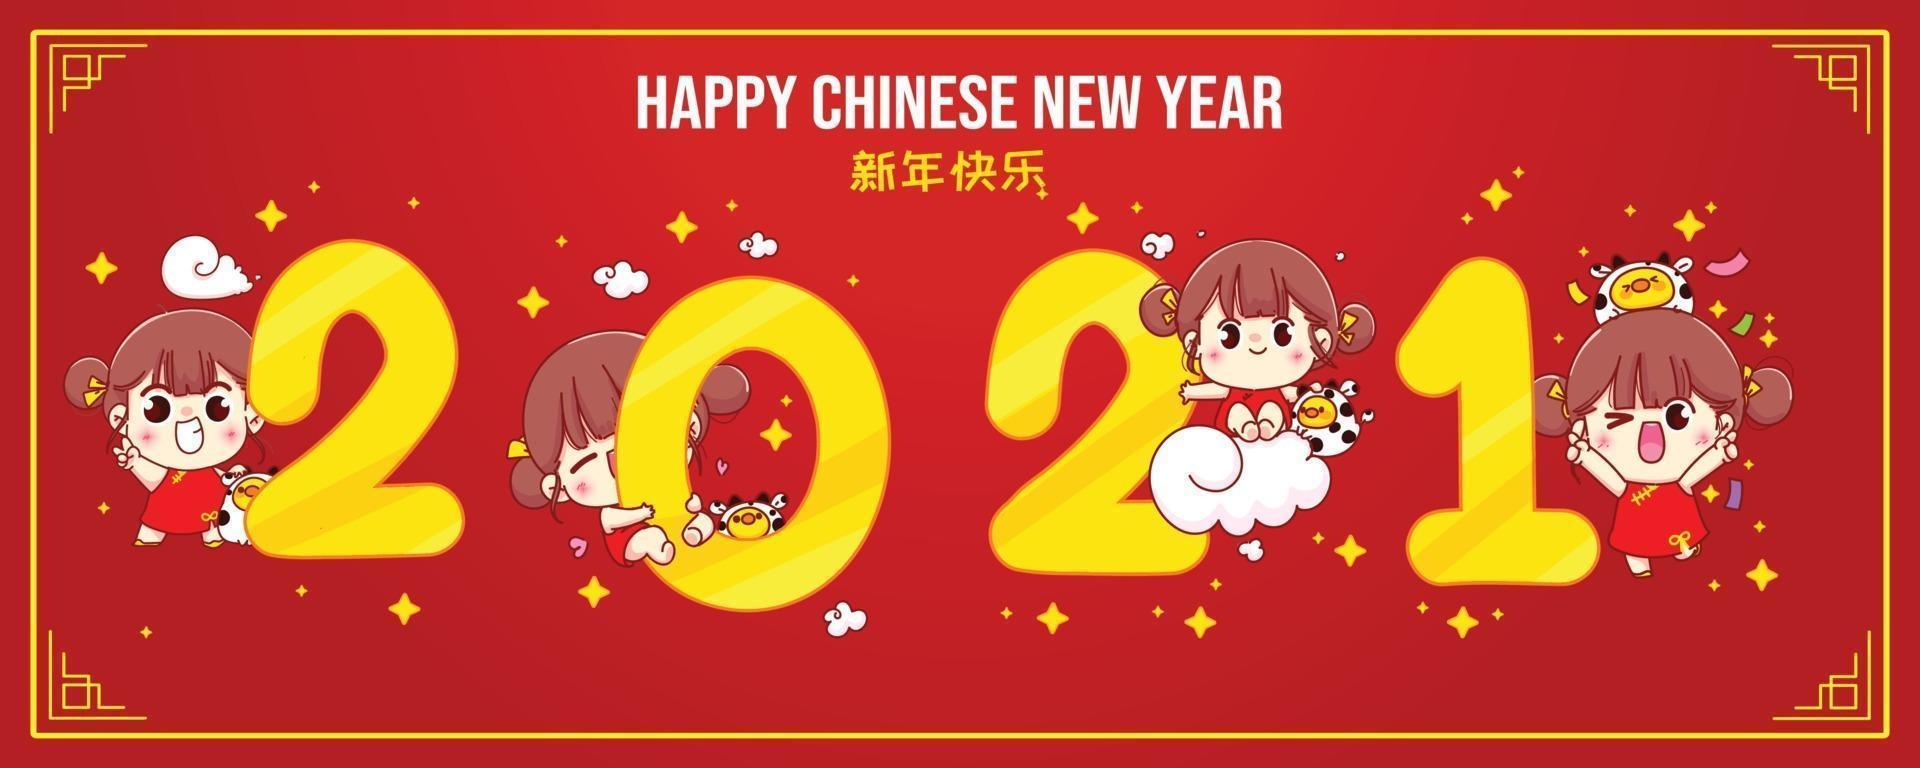 felice anno nuovo cinese banner con illustrazione di personaggio dei cartoni animati per bambini vettore